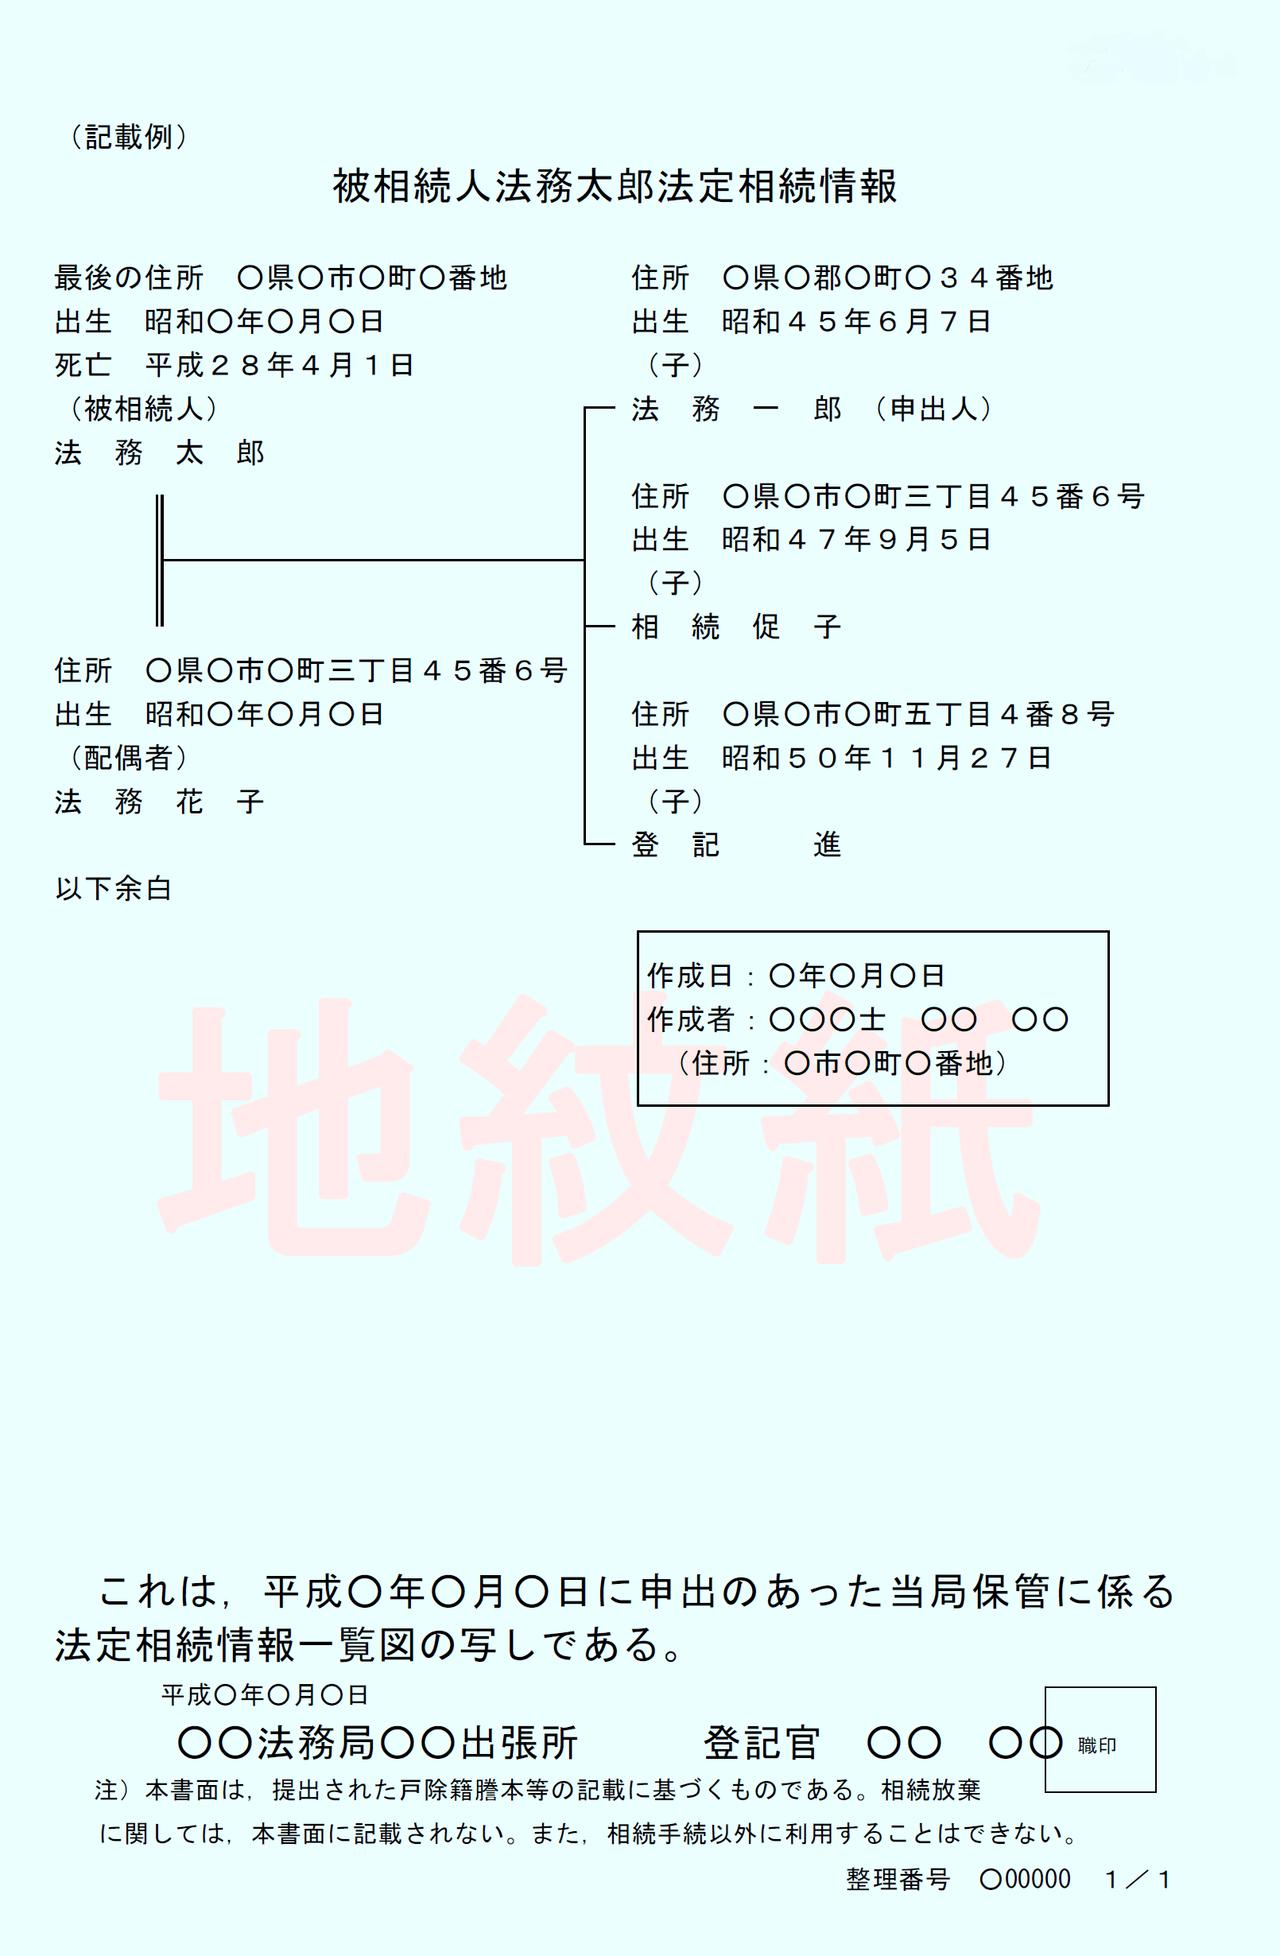 認証⽂付き法定相続情報⼀覧図の写しの見本